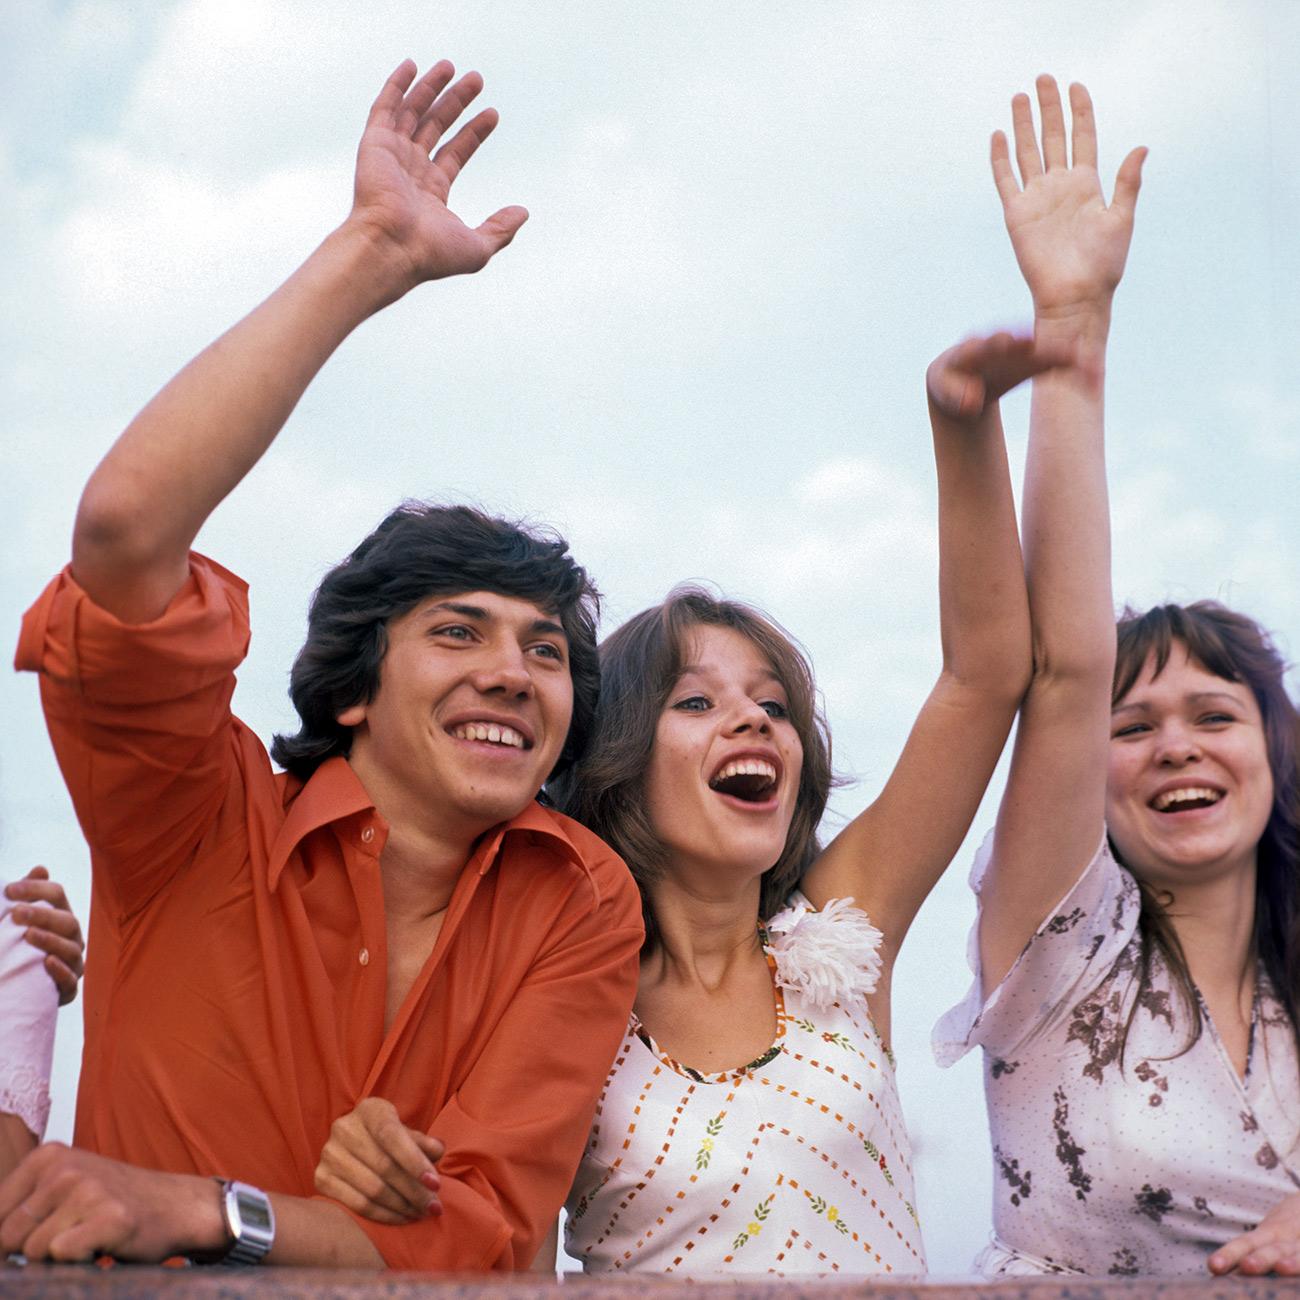 Al termine delle celebrazioni, la festa normalmente proseguiva nei ristoranti e nei locali notturni. Spesso si trascorreva la serata vicino al fiume Moscova